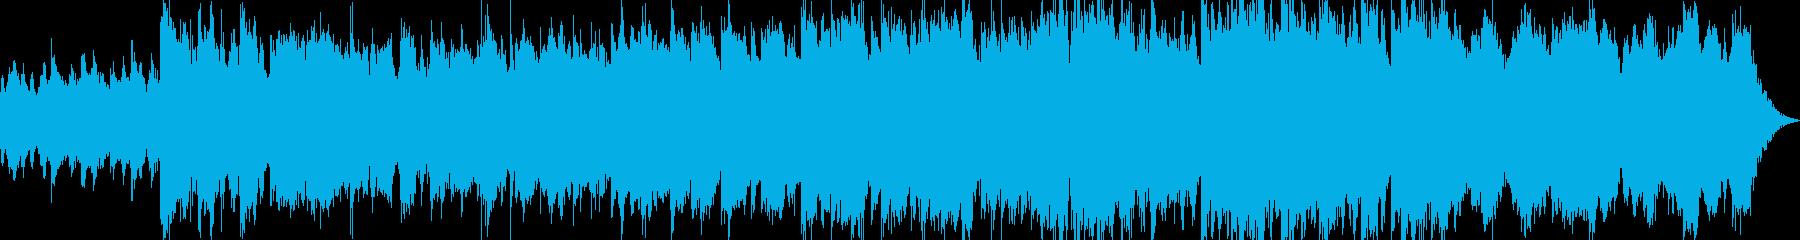 不安で落ち着かない奇妙なサウンドの再生済みの波形